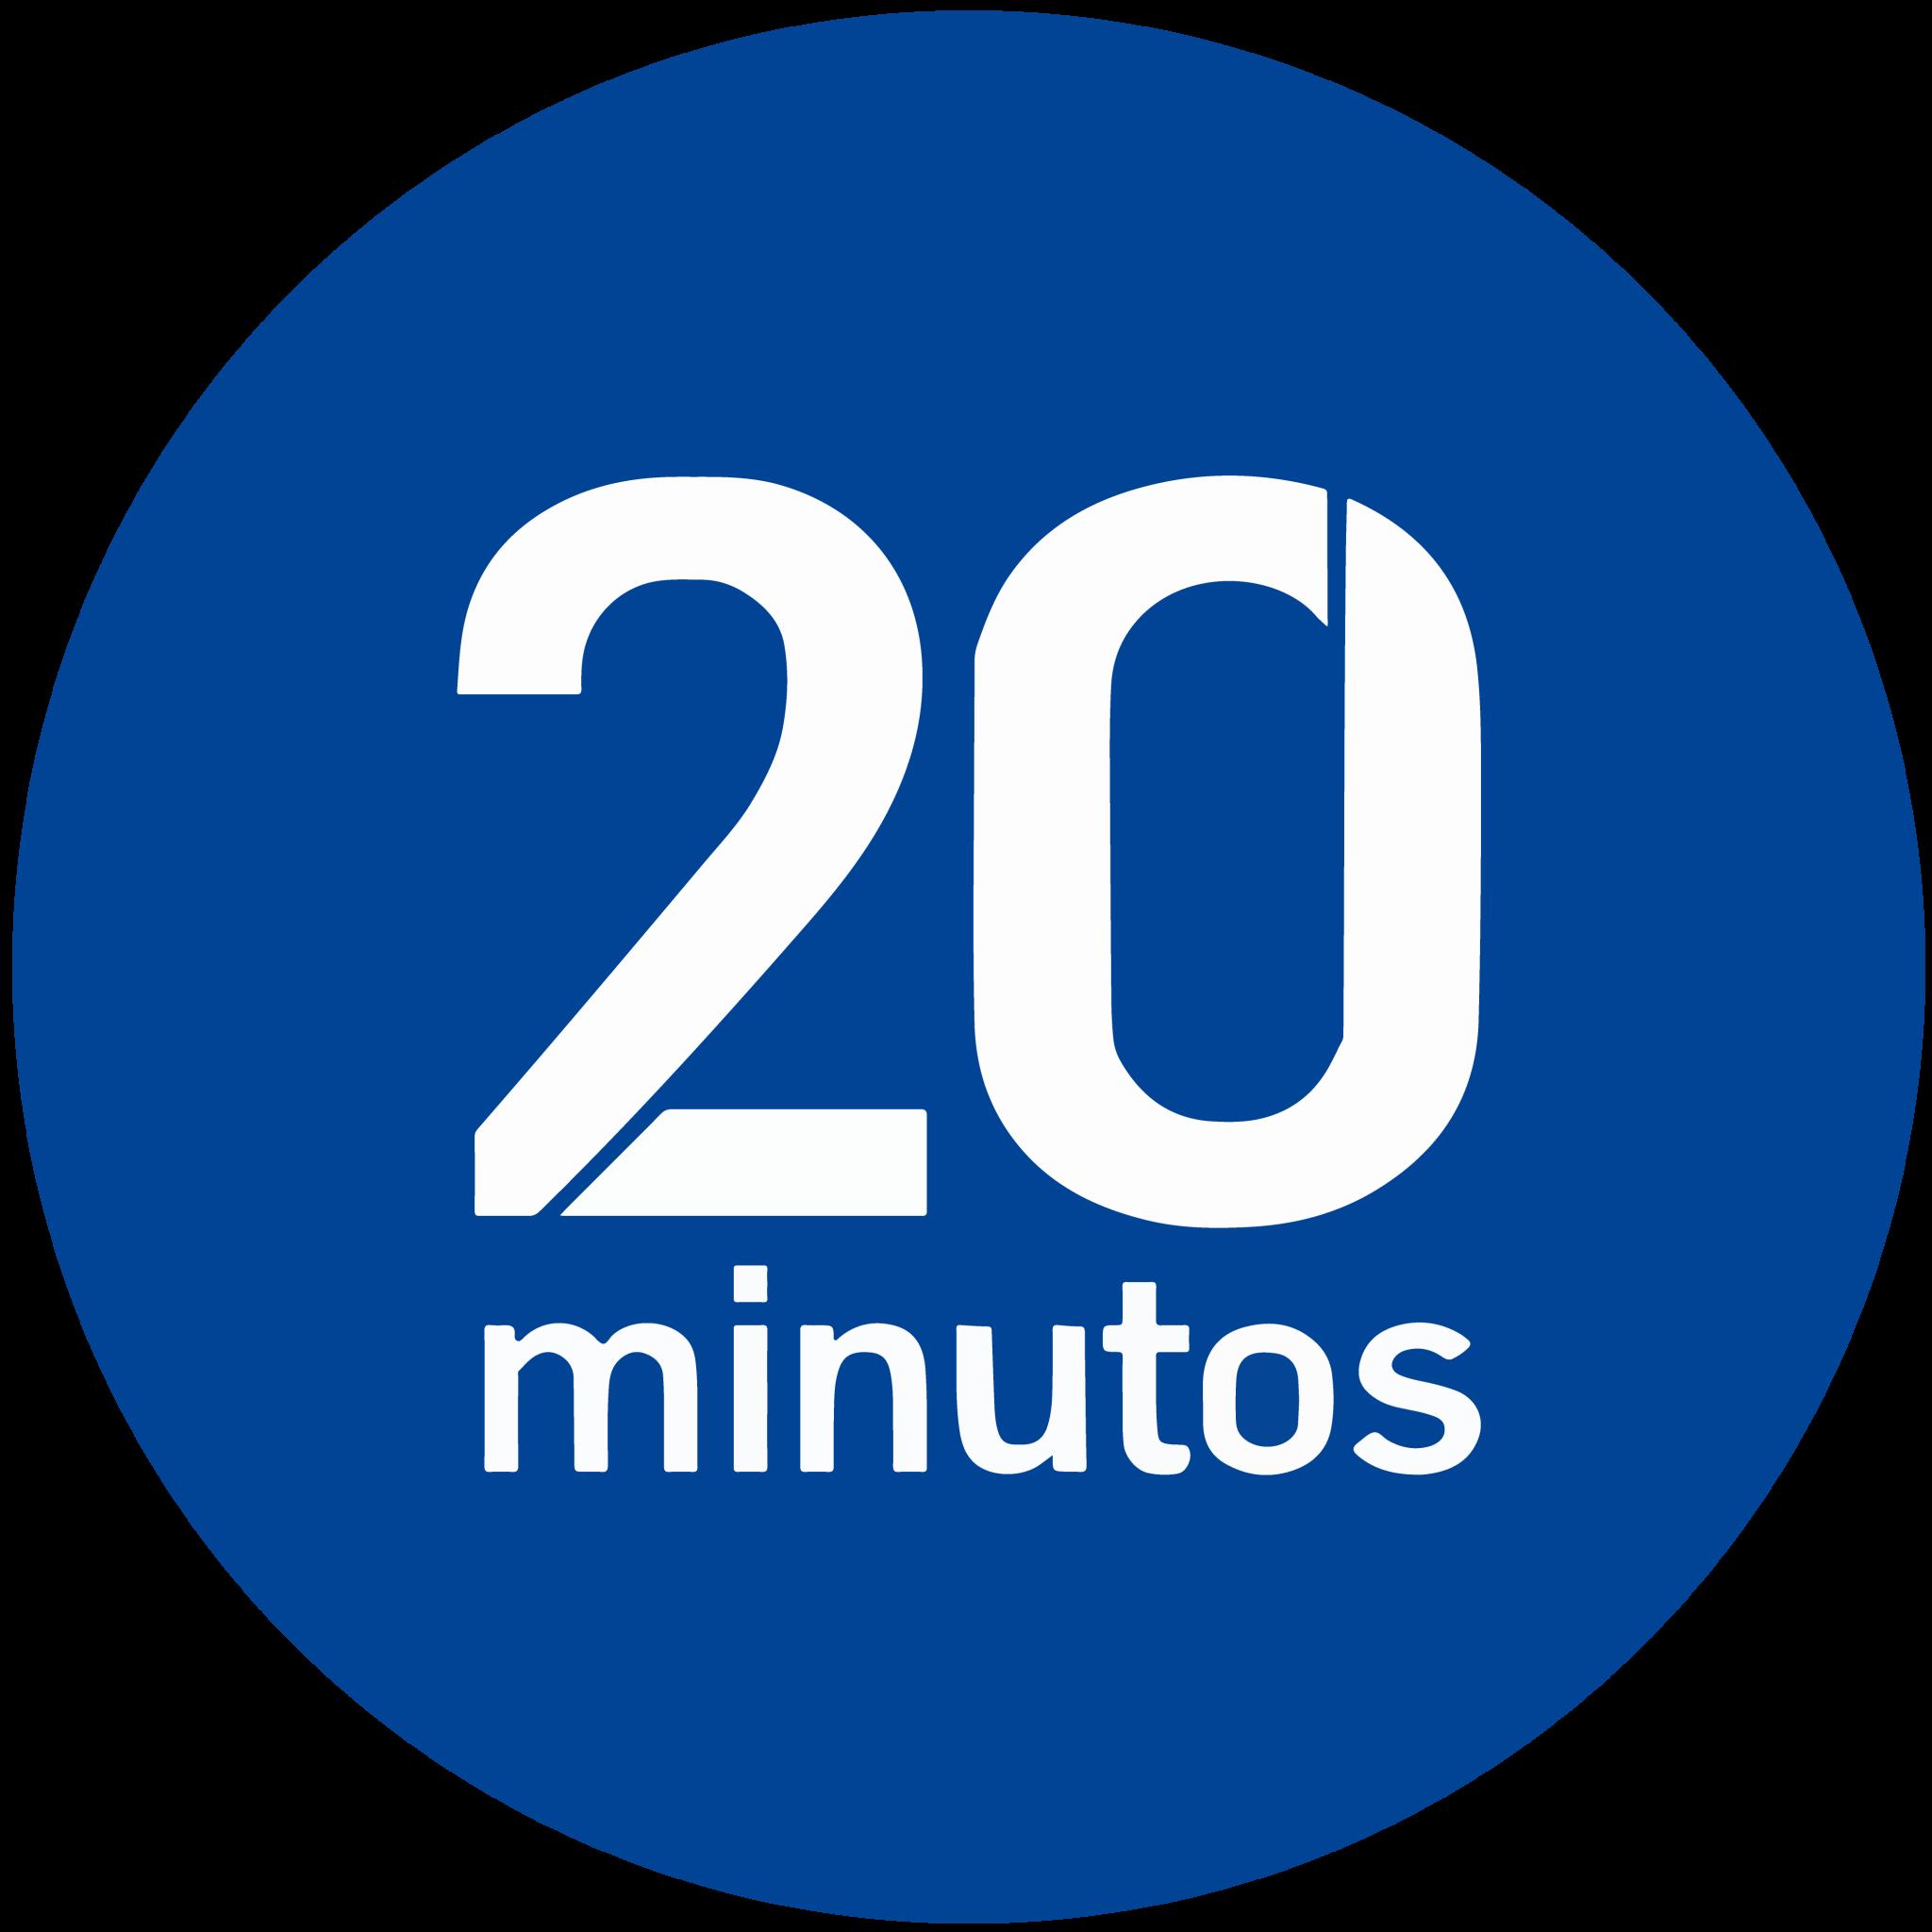 MH_20 minutos